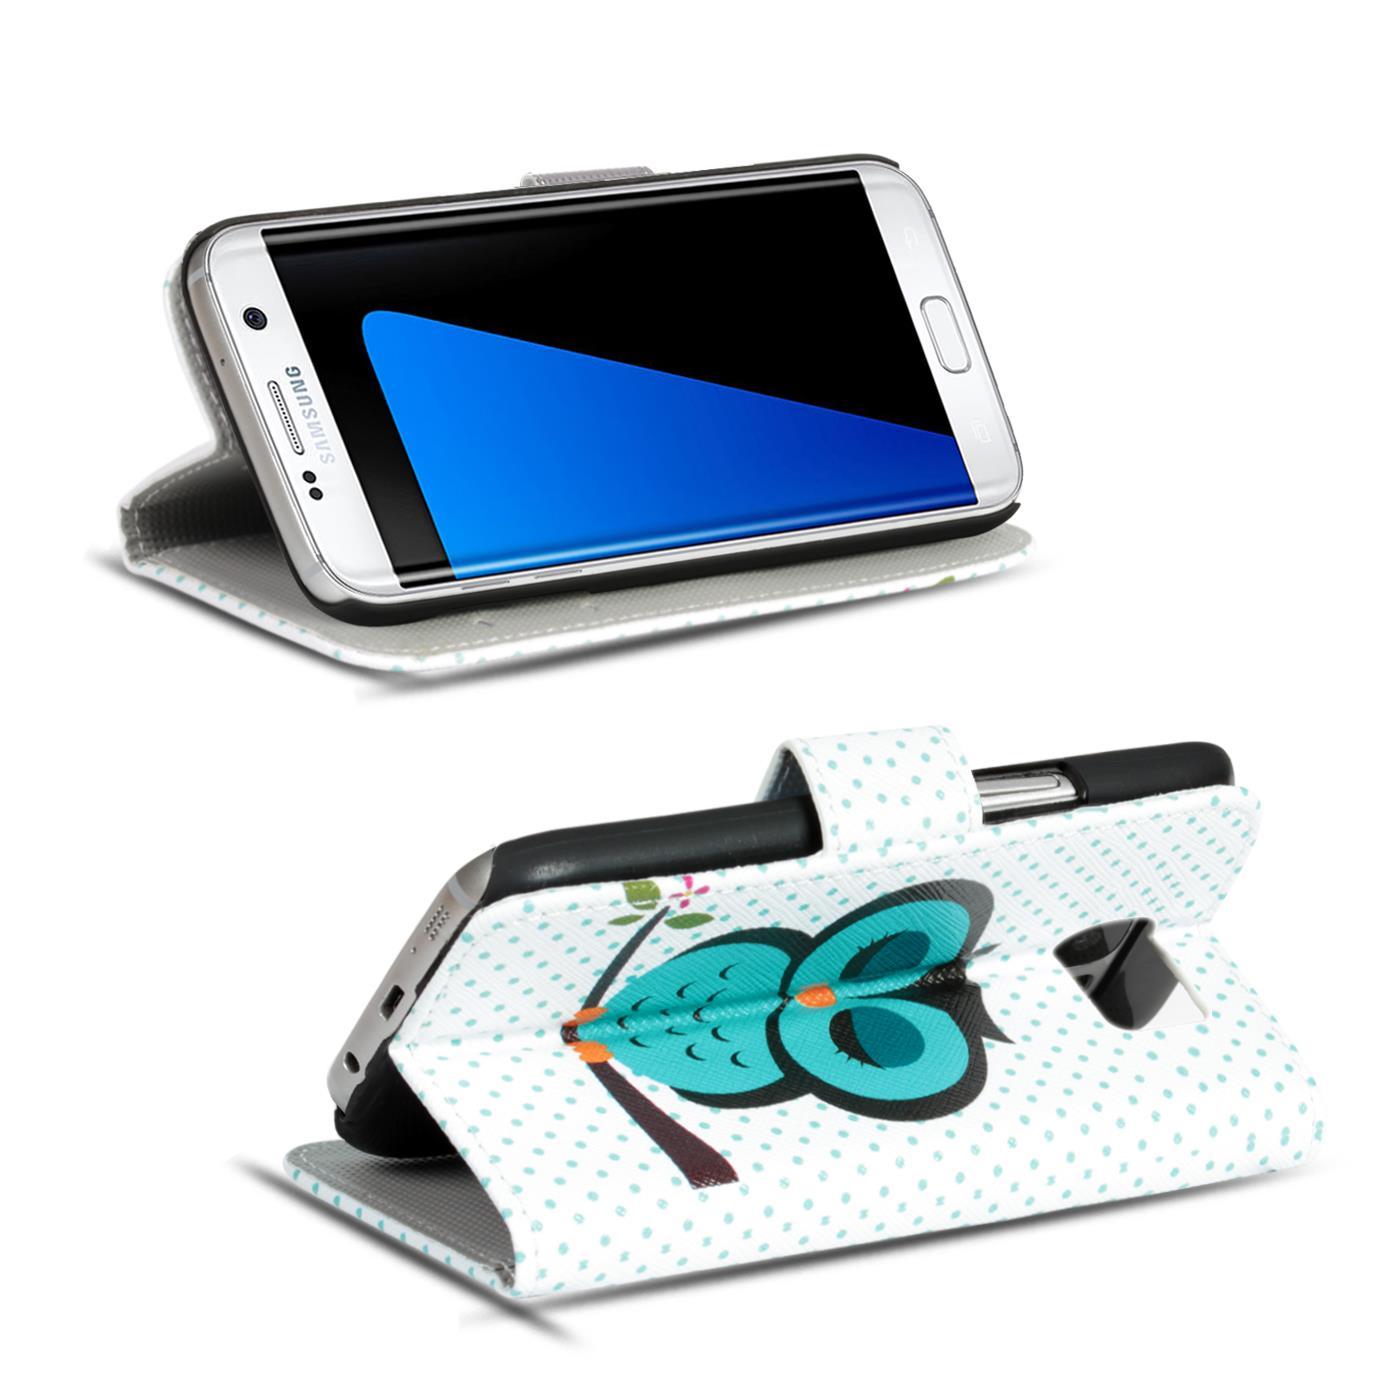 Schutz-Huelle-fuer-Samsung-Galaxy-Handy-Tasche-Flip-Cover-Wallet-Etui-Case-Schale Indexbild 47